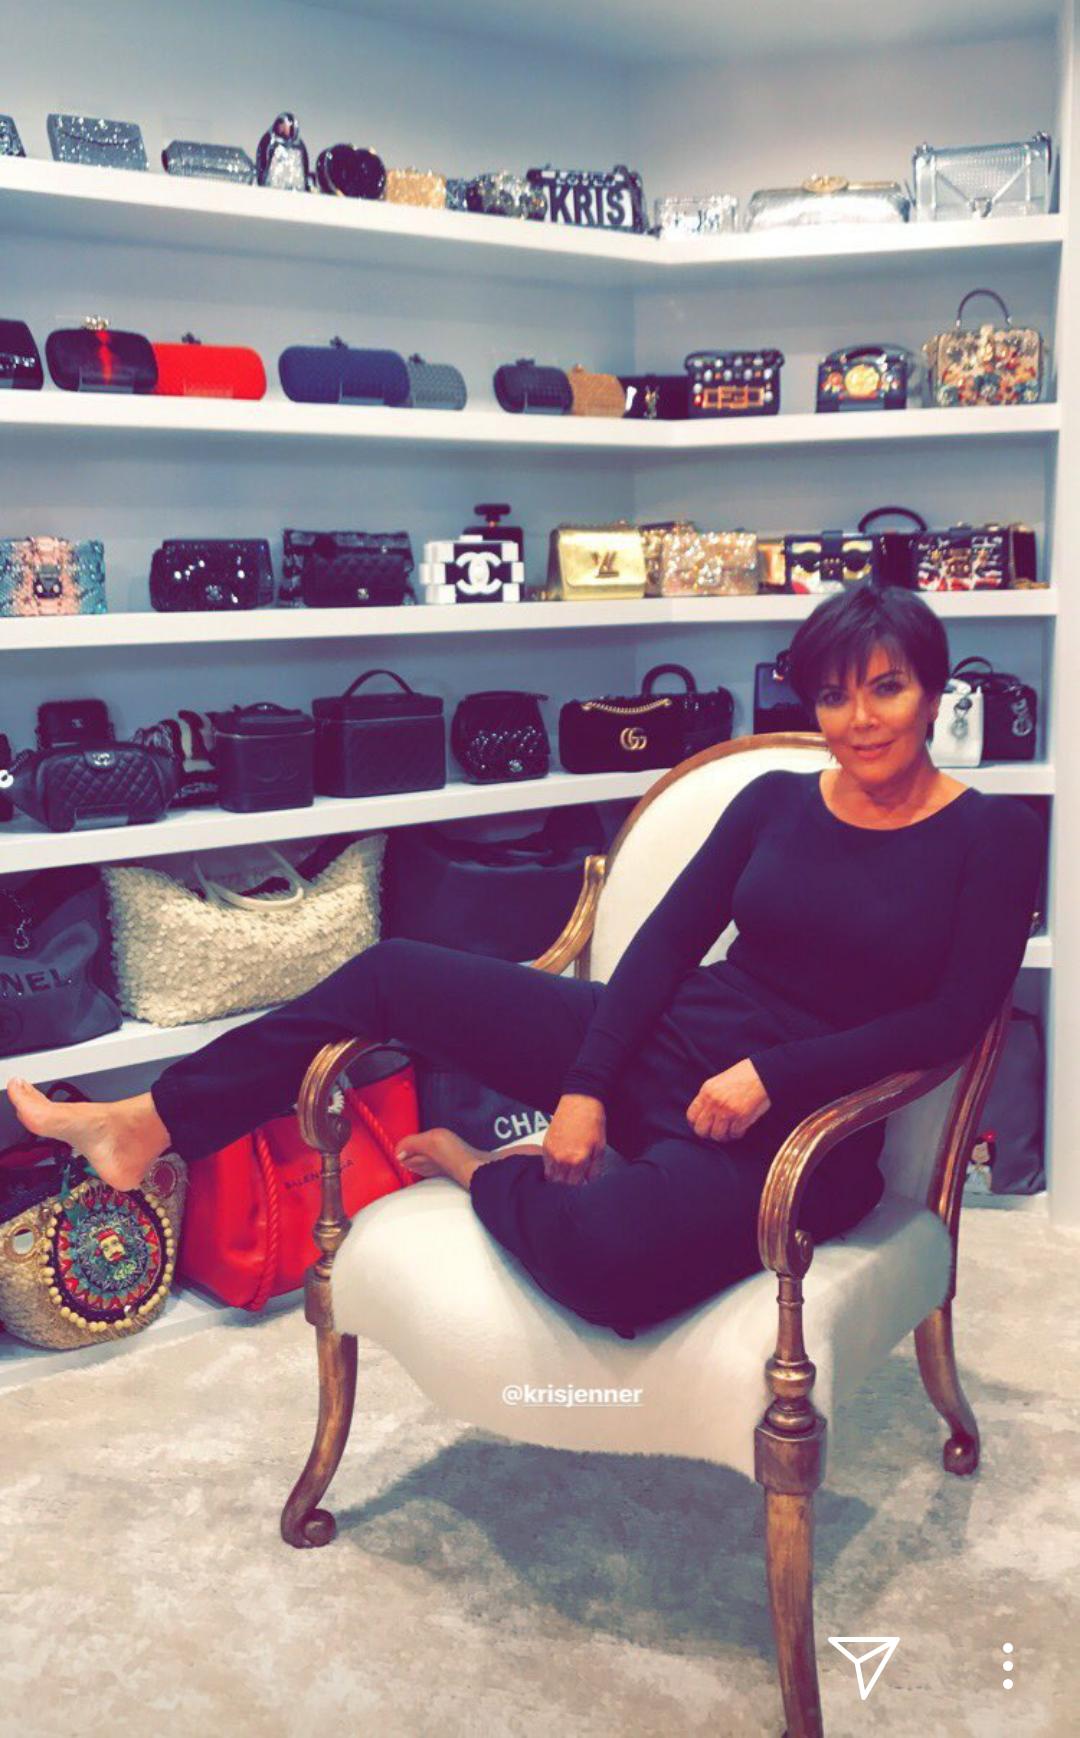 Chẳng kém cạnh con gái, mẹ của Kylie Jenner cũng có phòng để đồ hoành tráng như cửa hàng thời trang cao cấp - Ảnh 1.